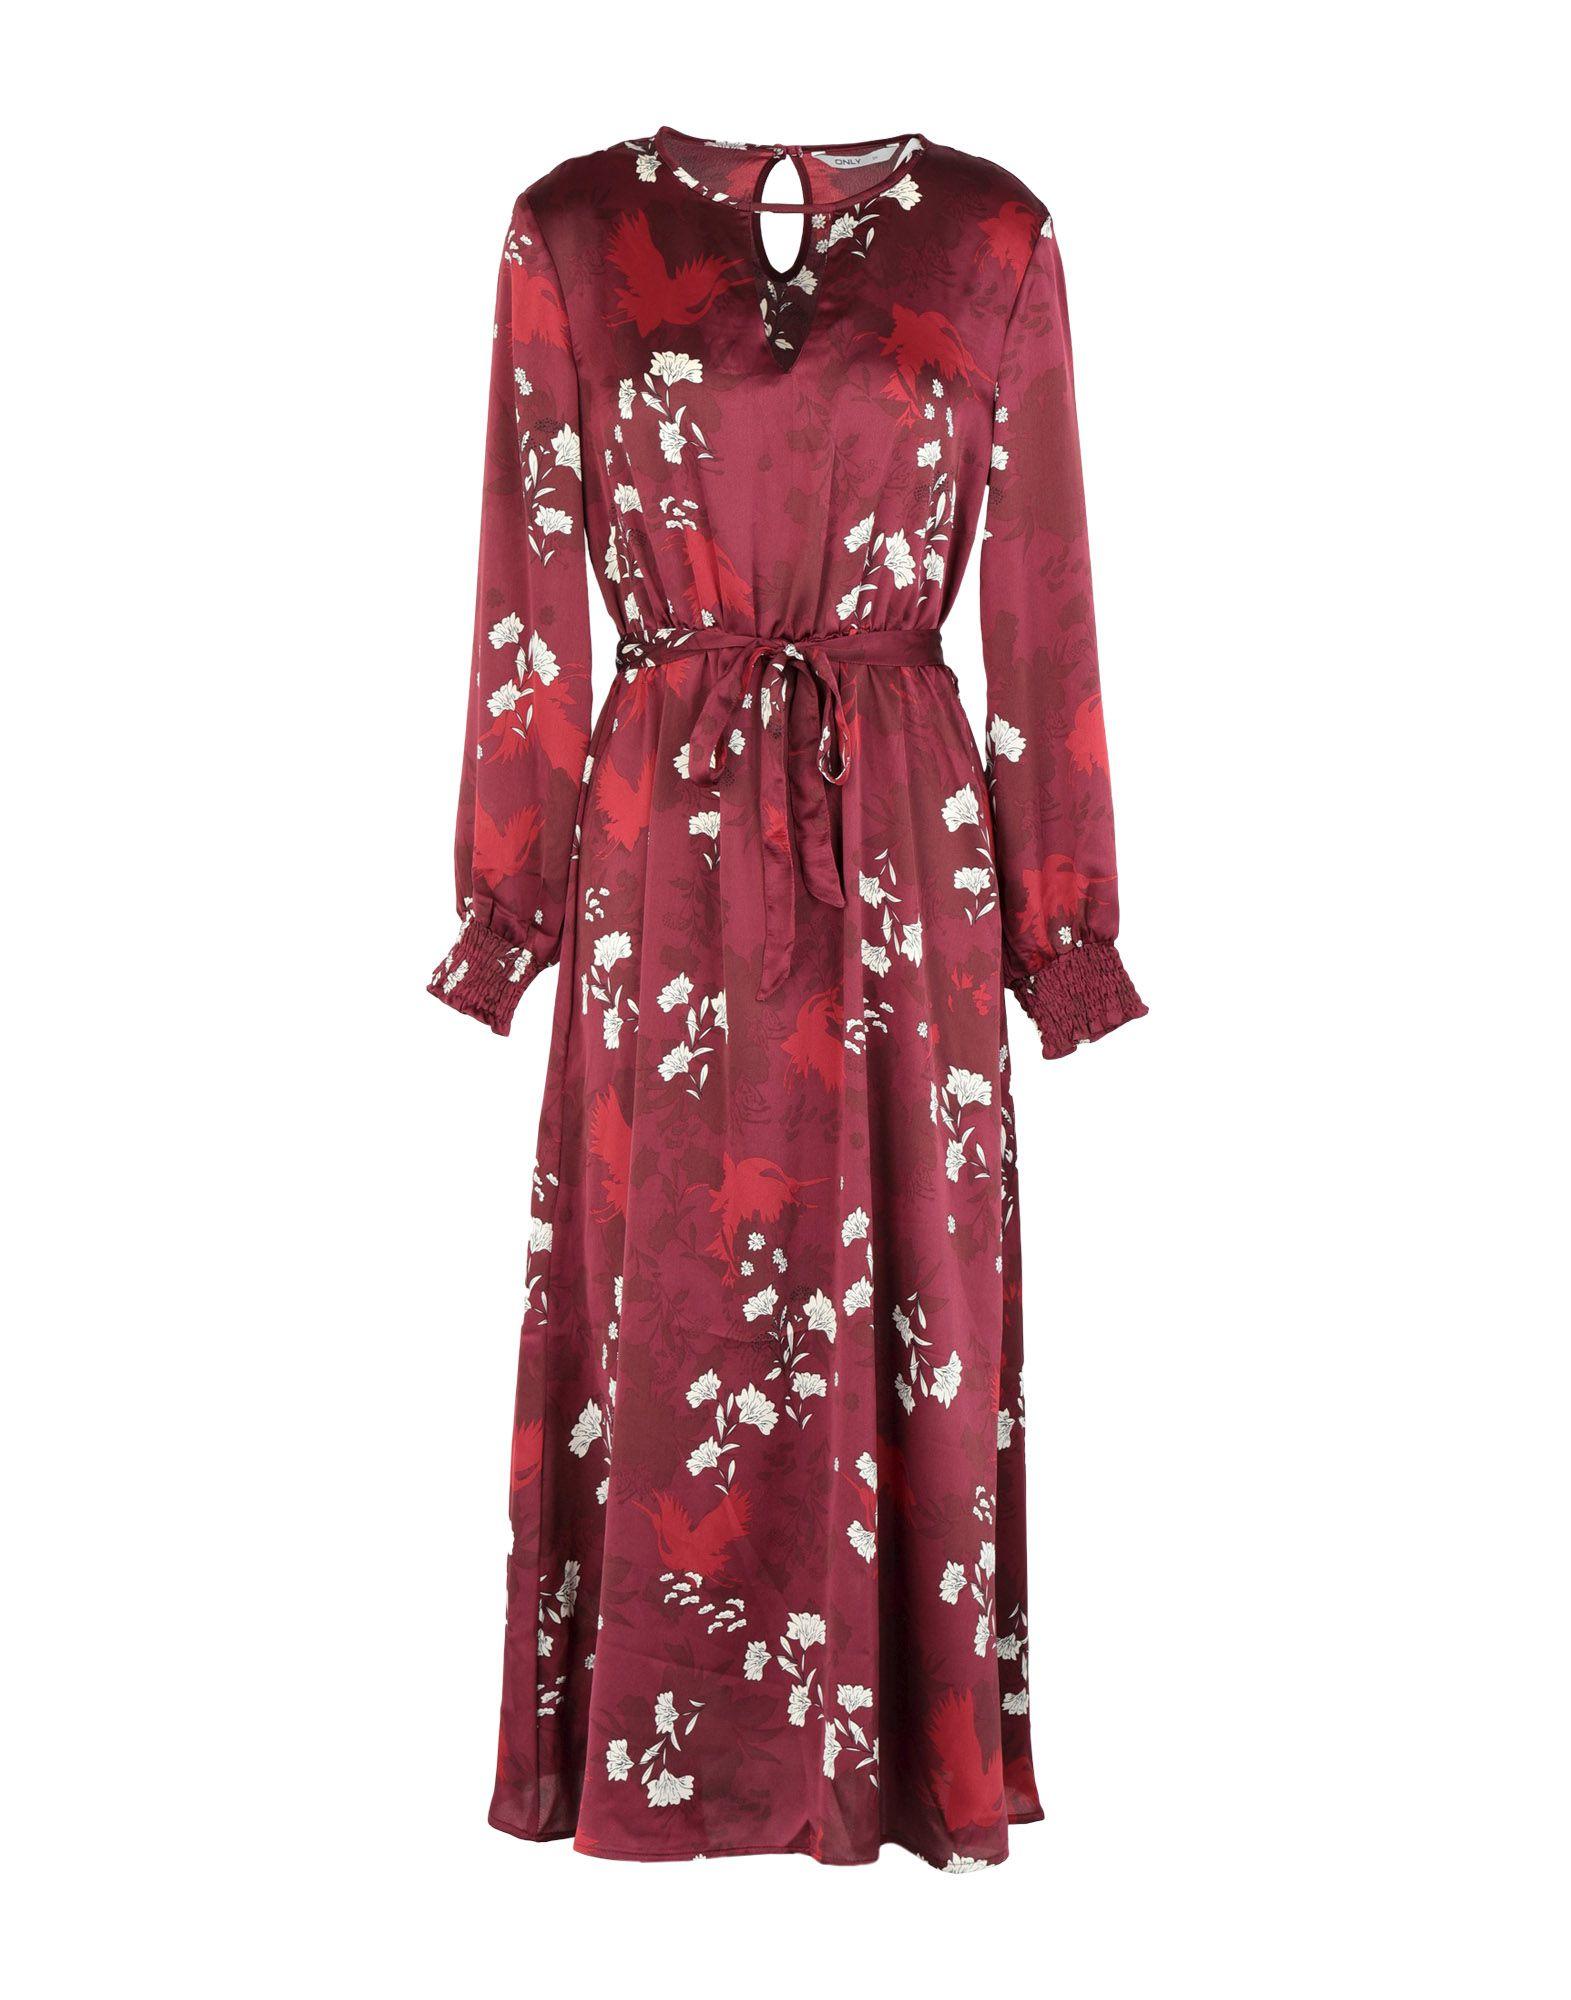 ONLY Damen Knielanges Kleid Farbe Purpur Größe 5